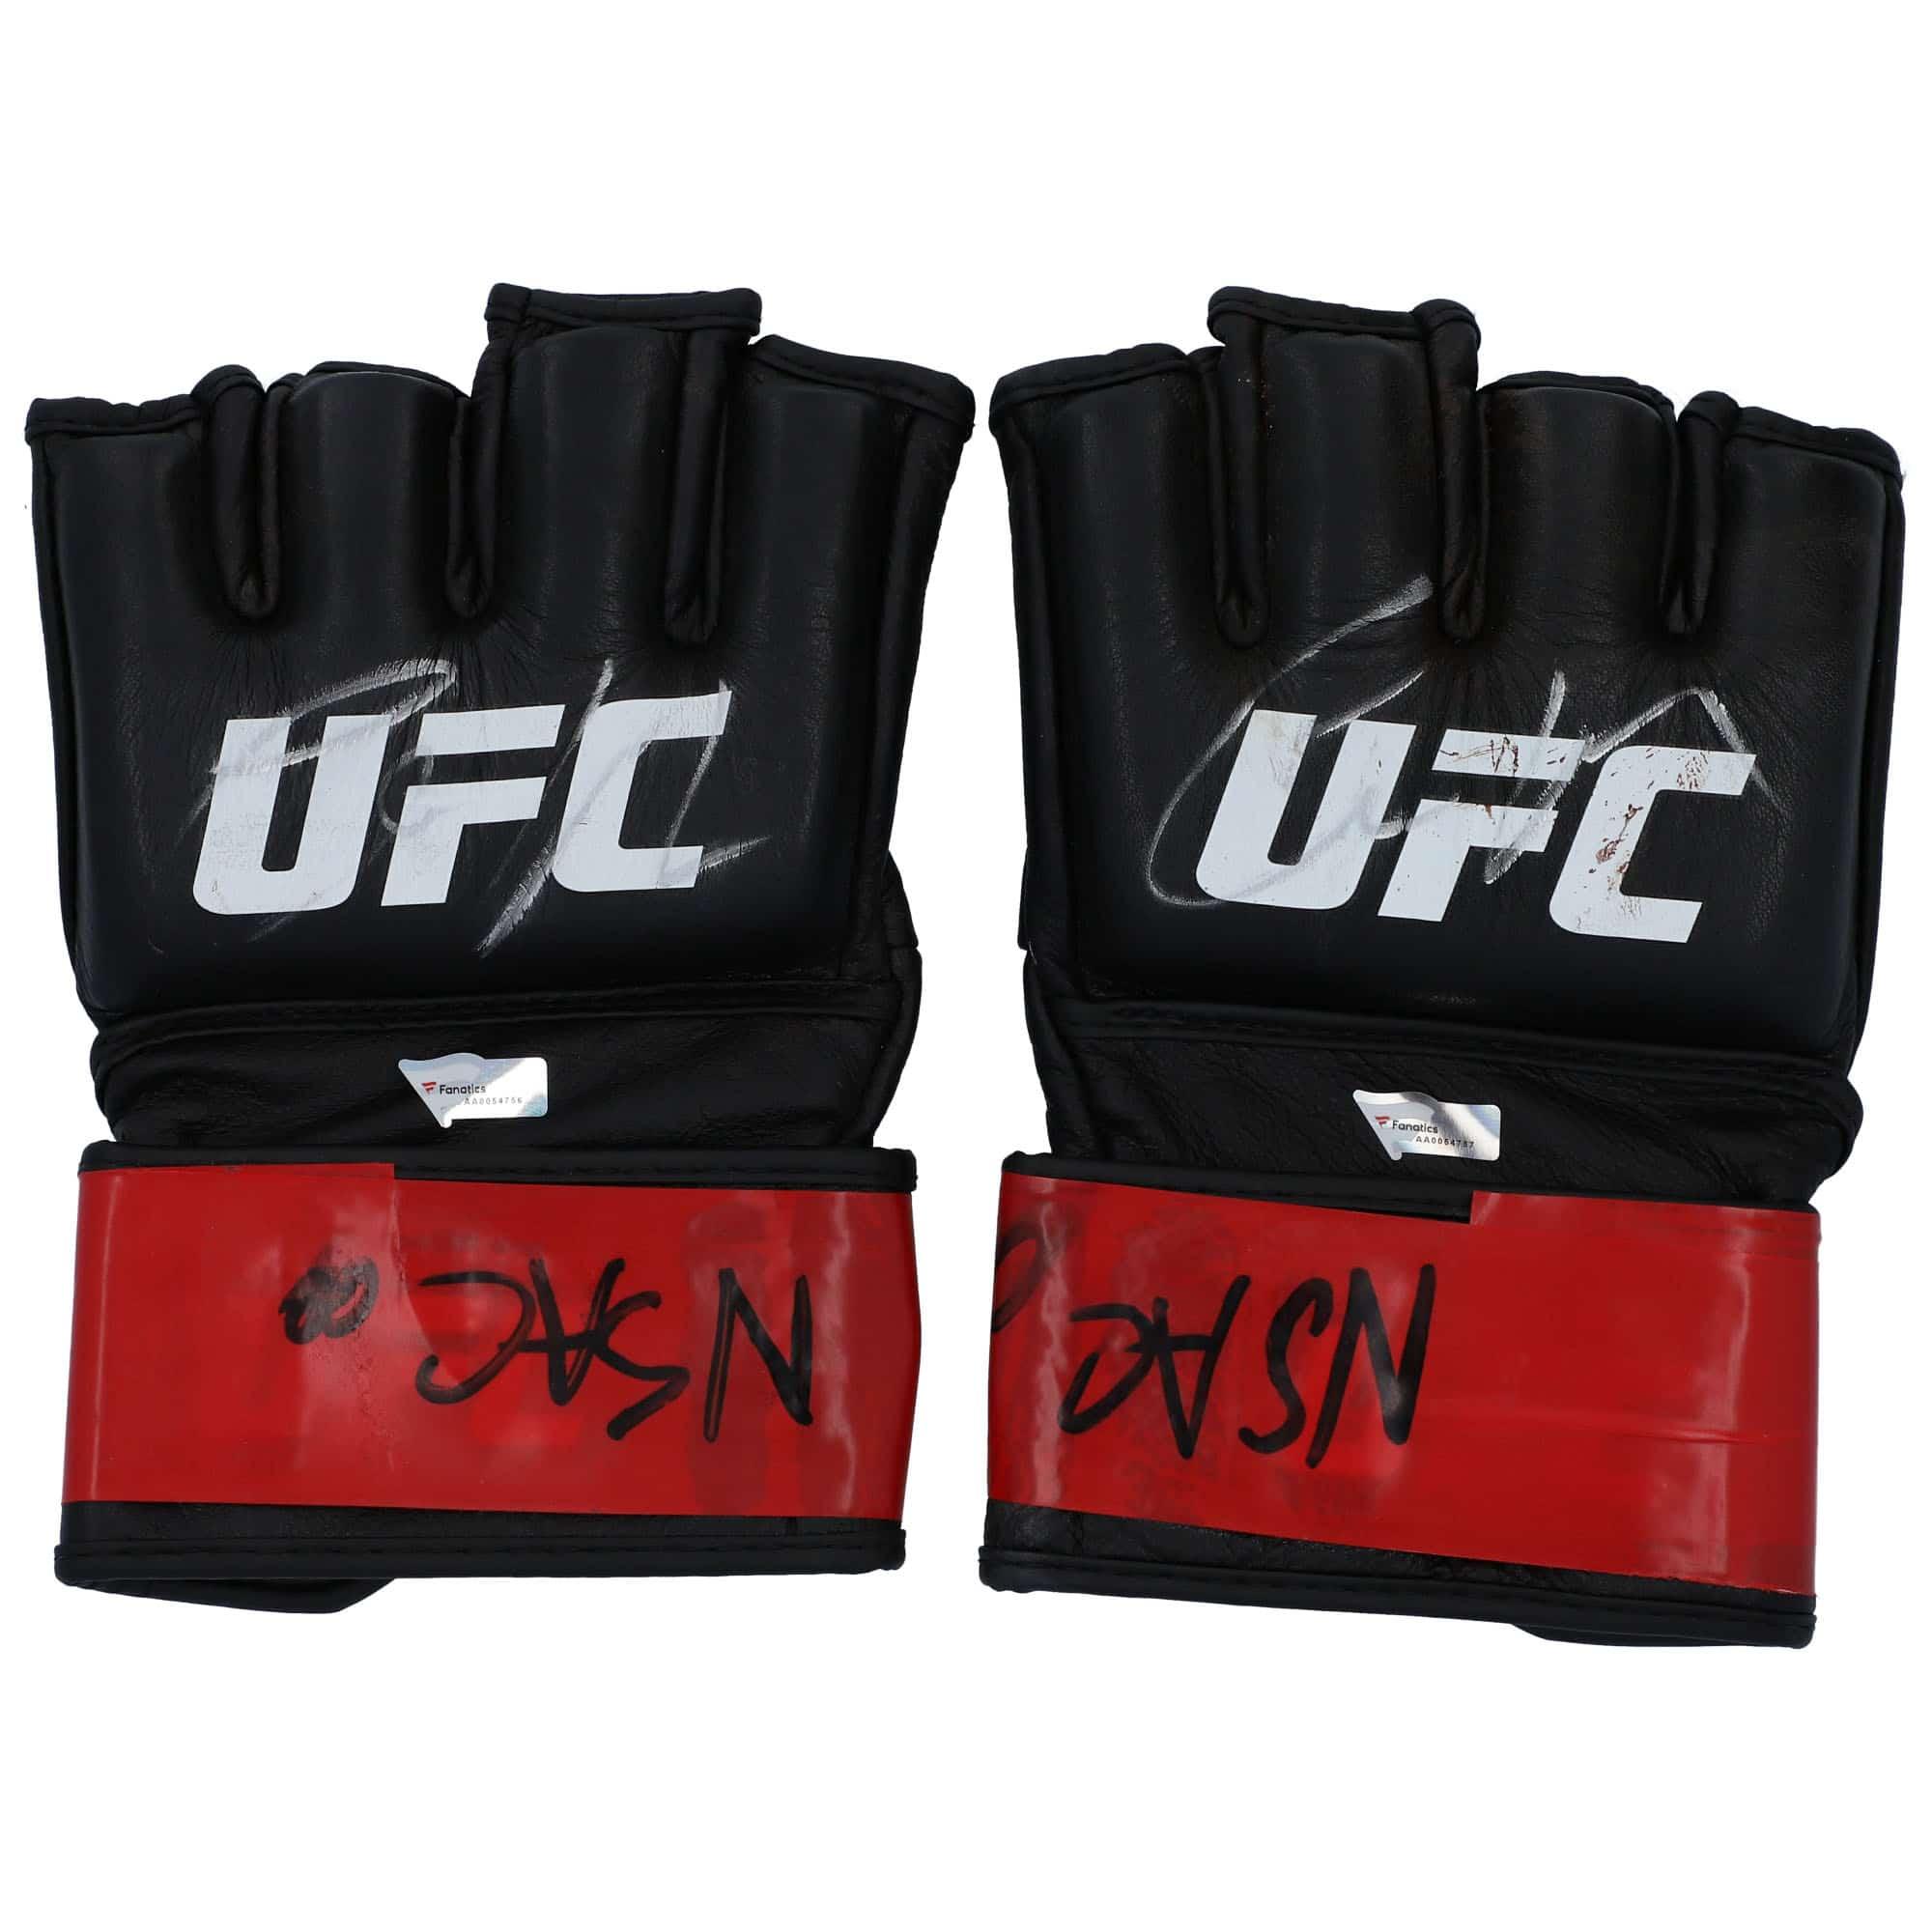 Conor McGregor UFC 246 Auction - Gloves & Wraps